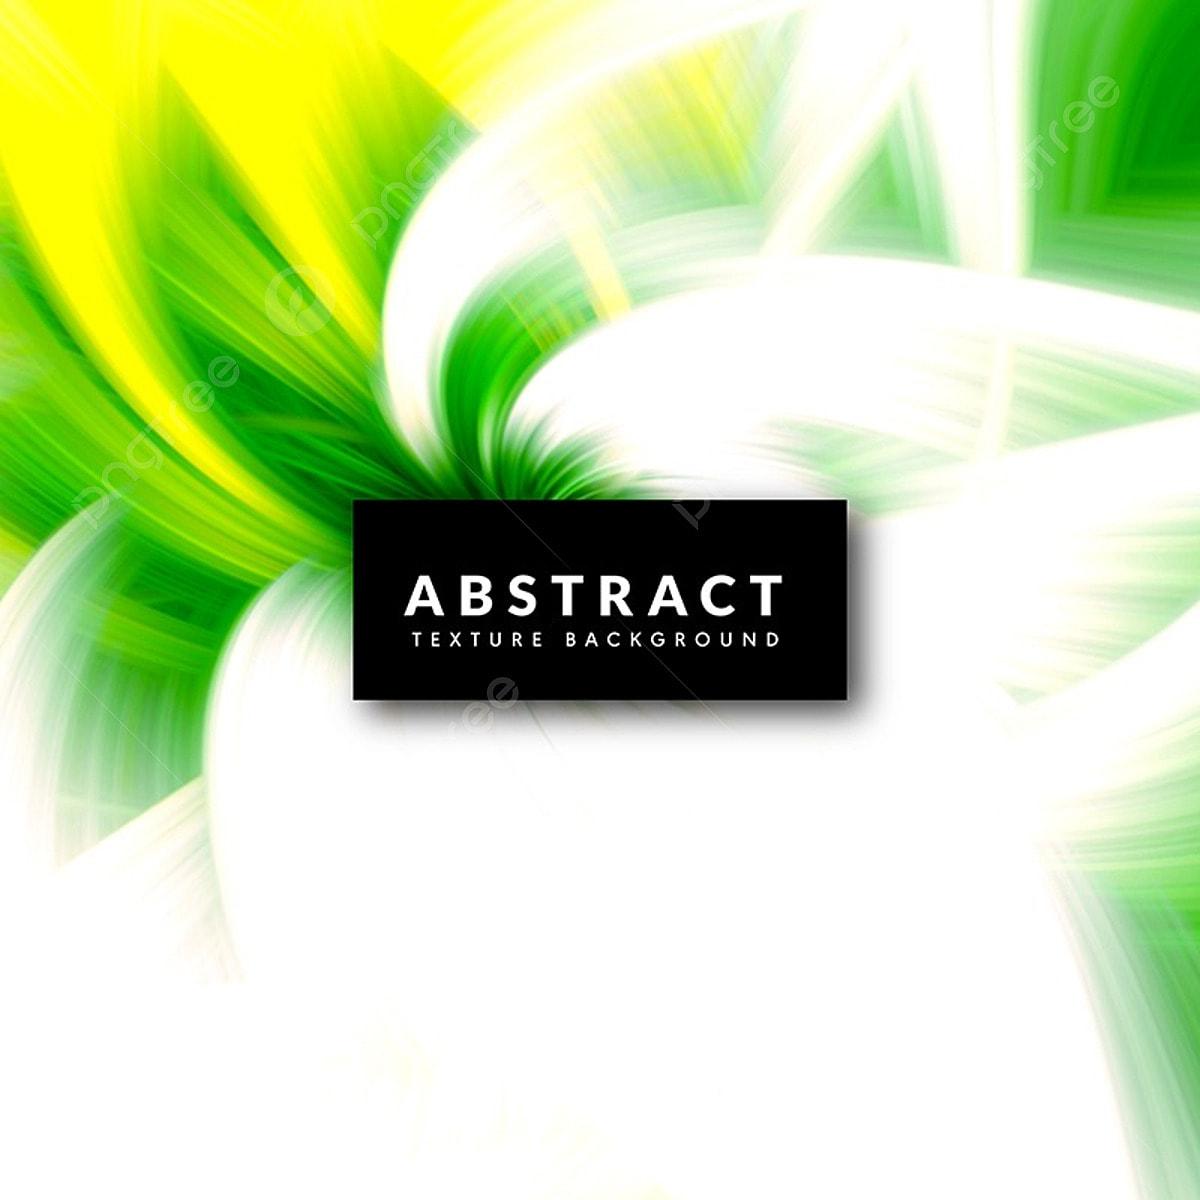 Bianco Verde E Giallo Piuma Effetto Sullo Sfondo Bianco Verde E